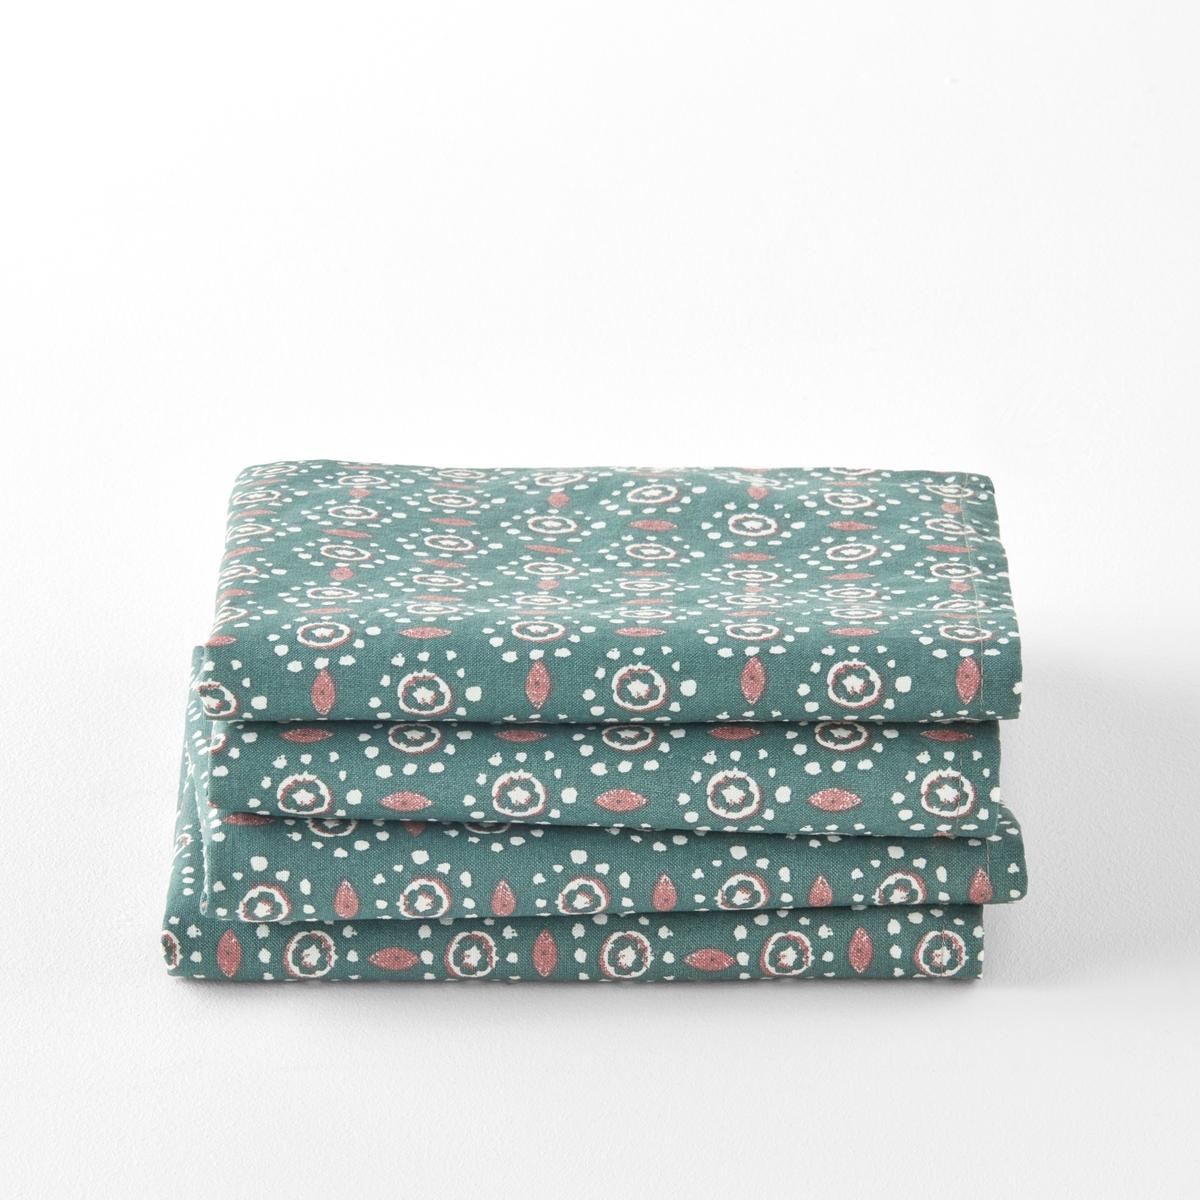 Tovaglioli cotone/lino lavato OLÉANE, confezione da 4